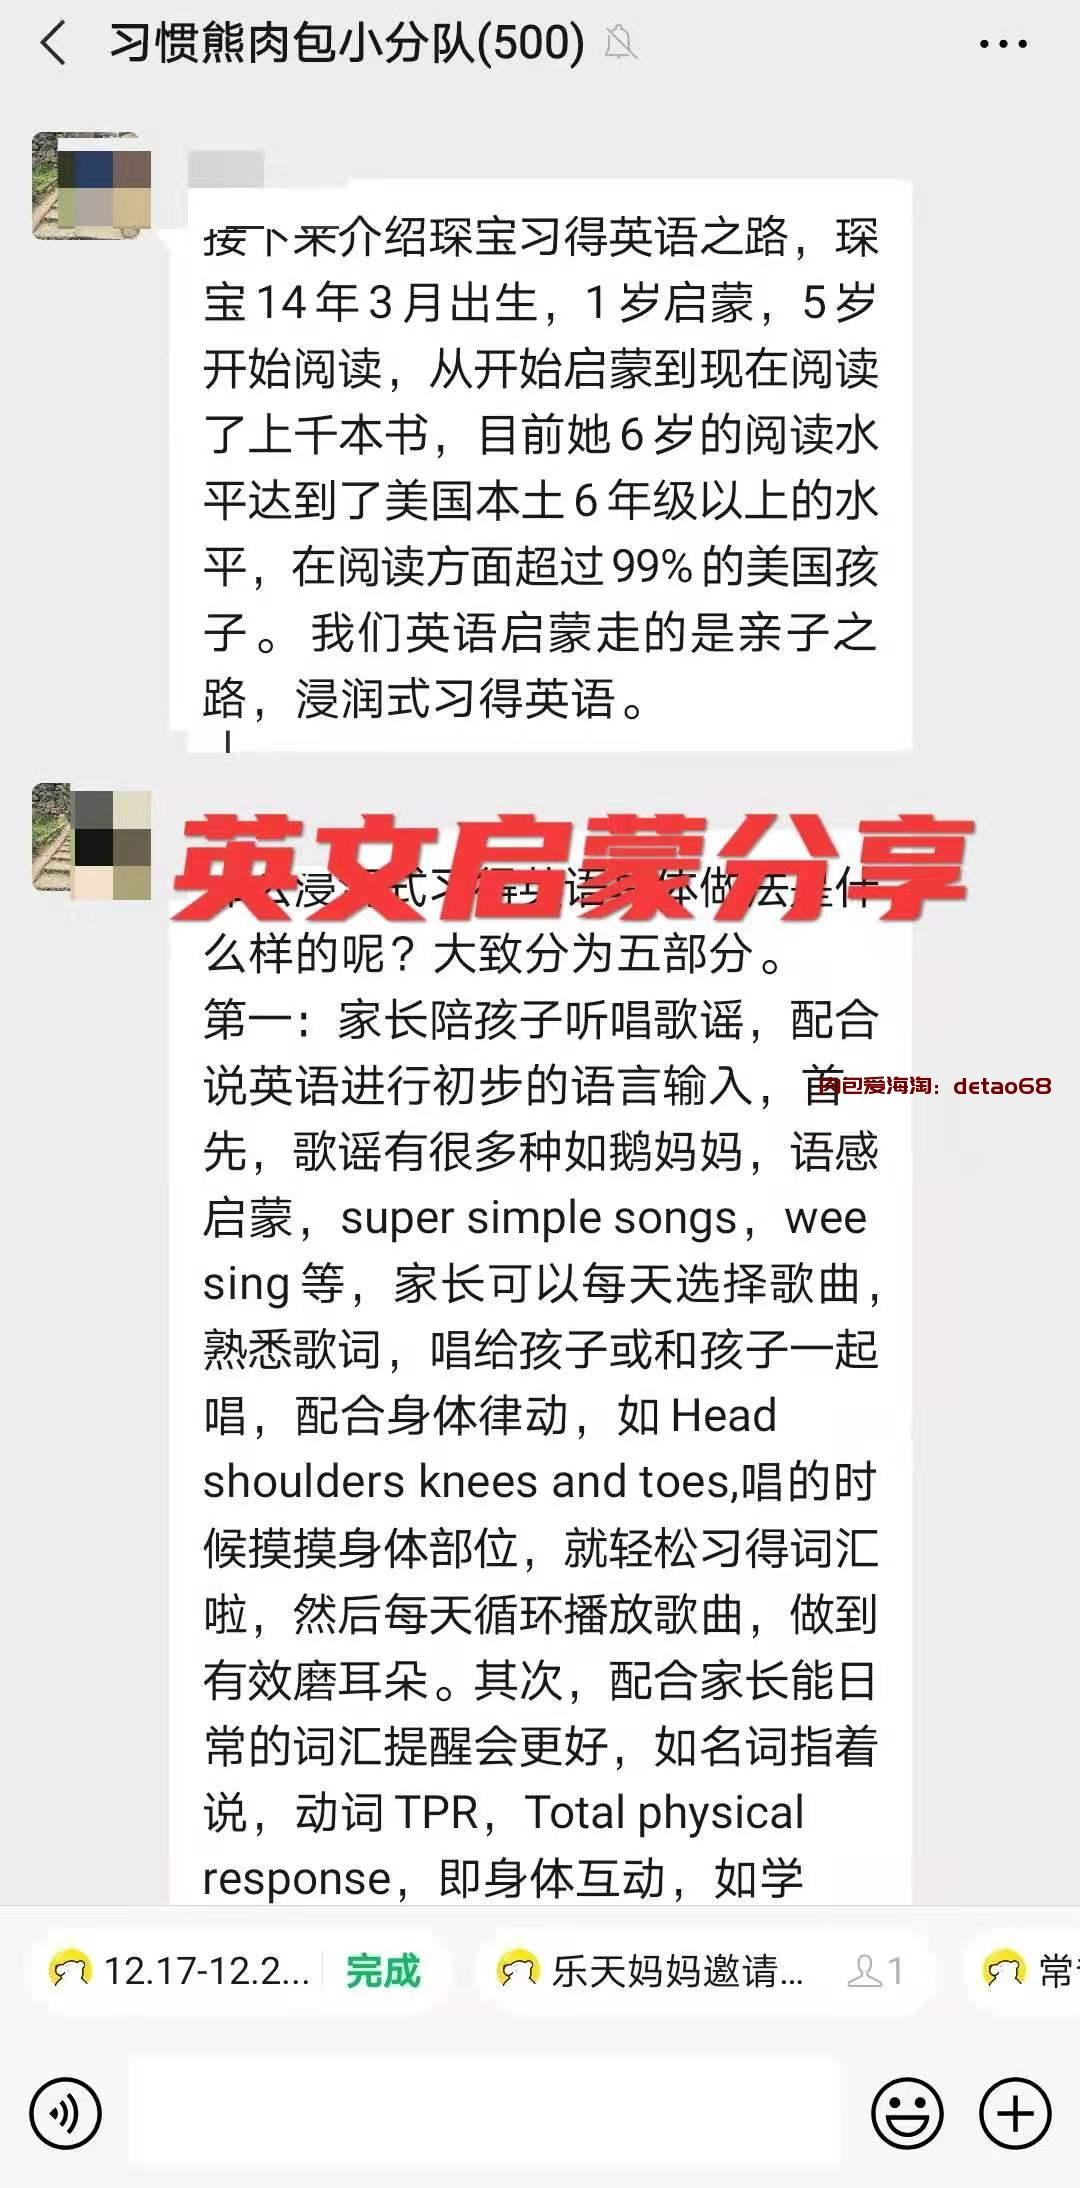 C:\Users\wangl\AppData\Local\Temp\WeChat Files\159f2452cc1f5ae83f9b7a6fd83bb36.jpg